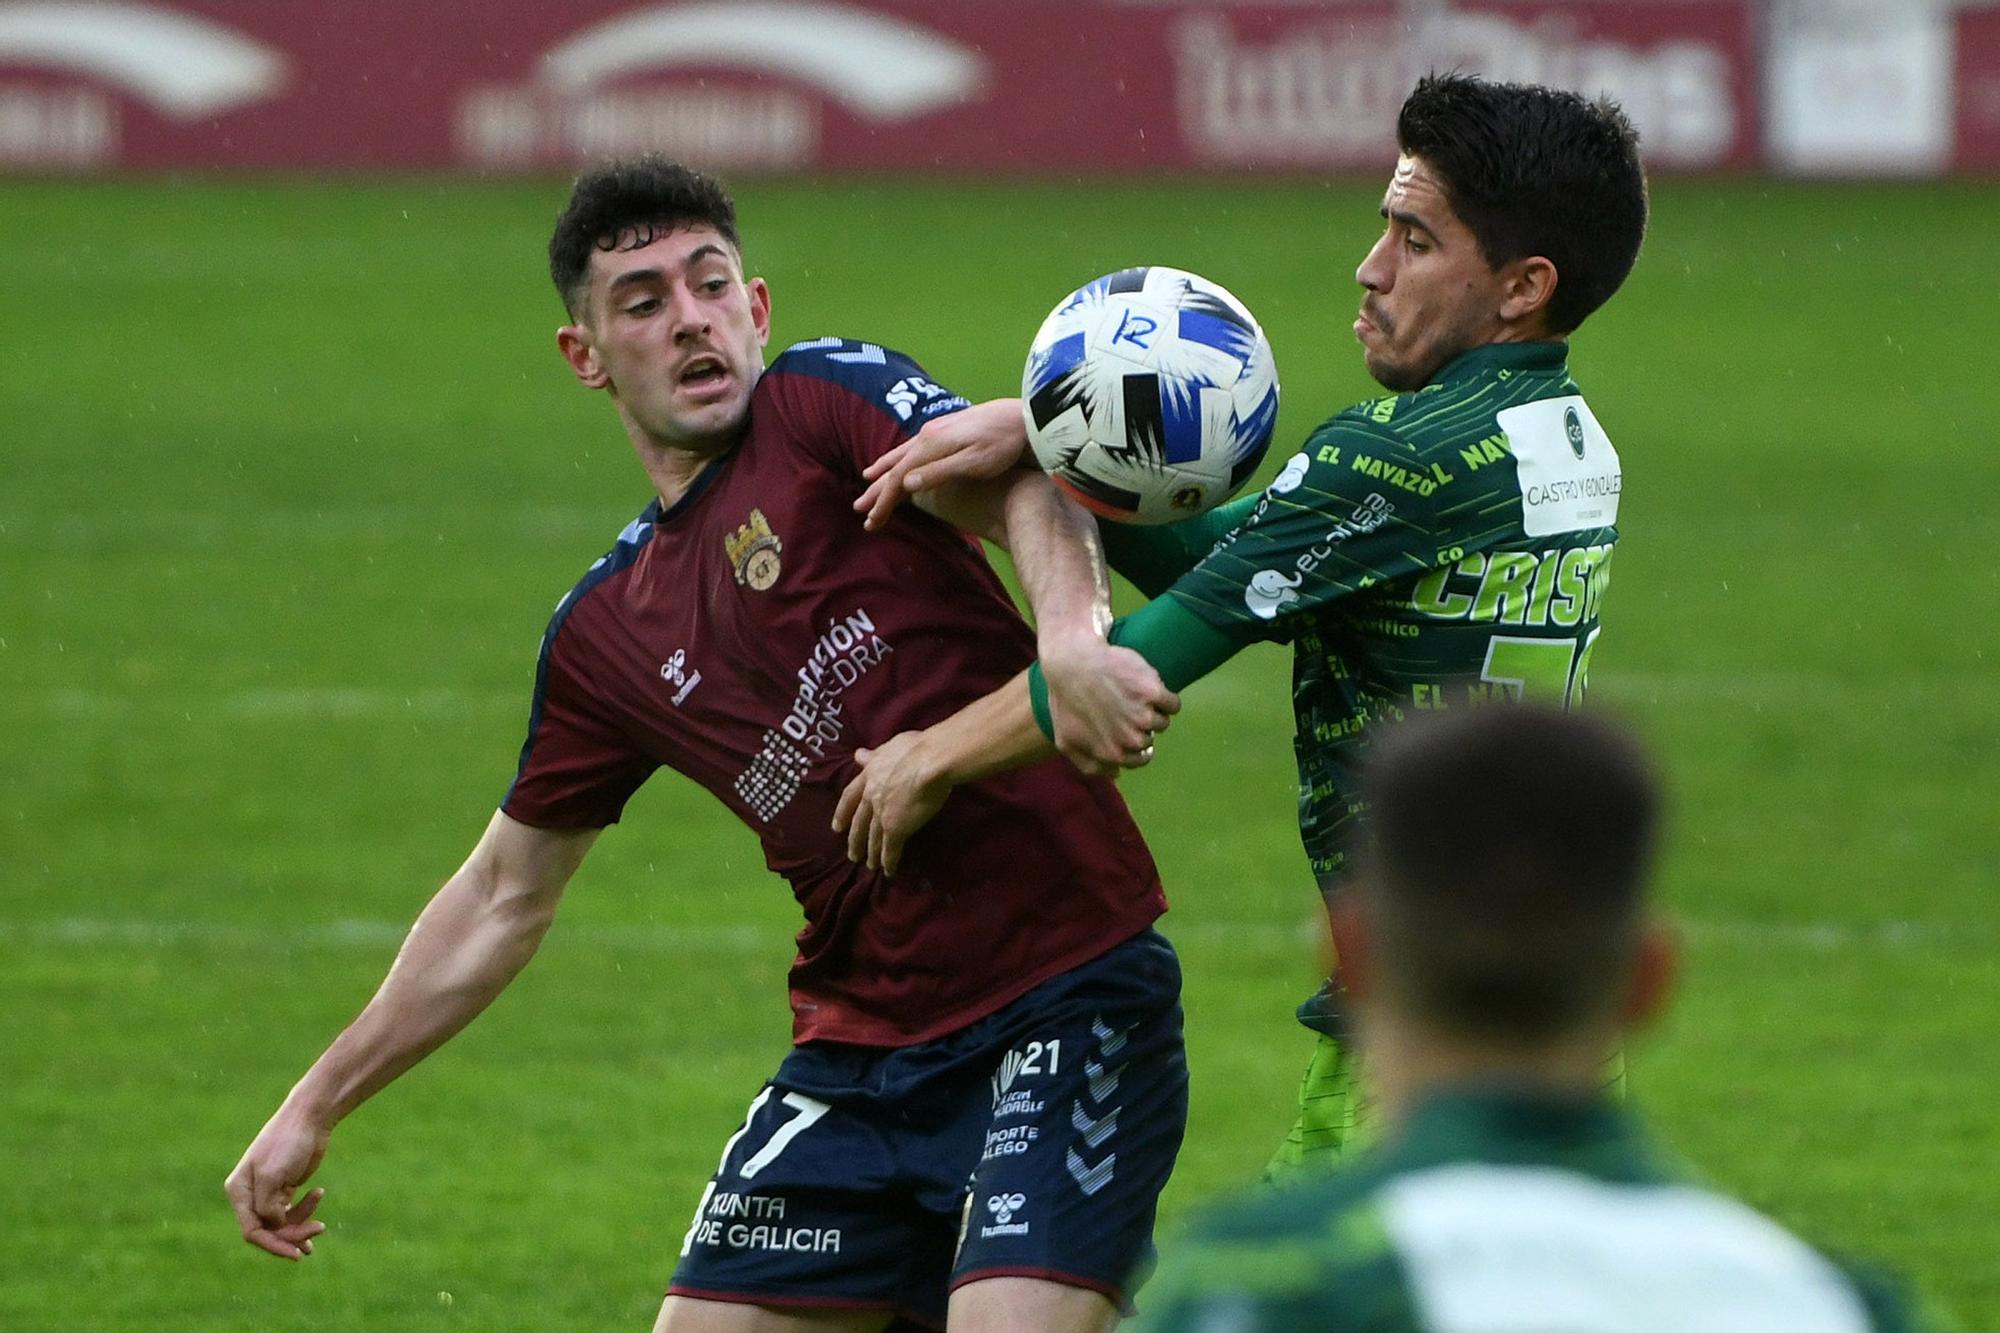 Luisito se desvive en su vuelta al banquillo del Pontevedra CF